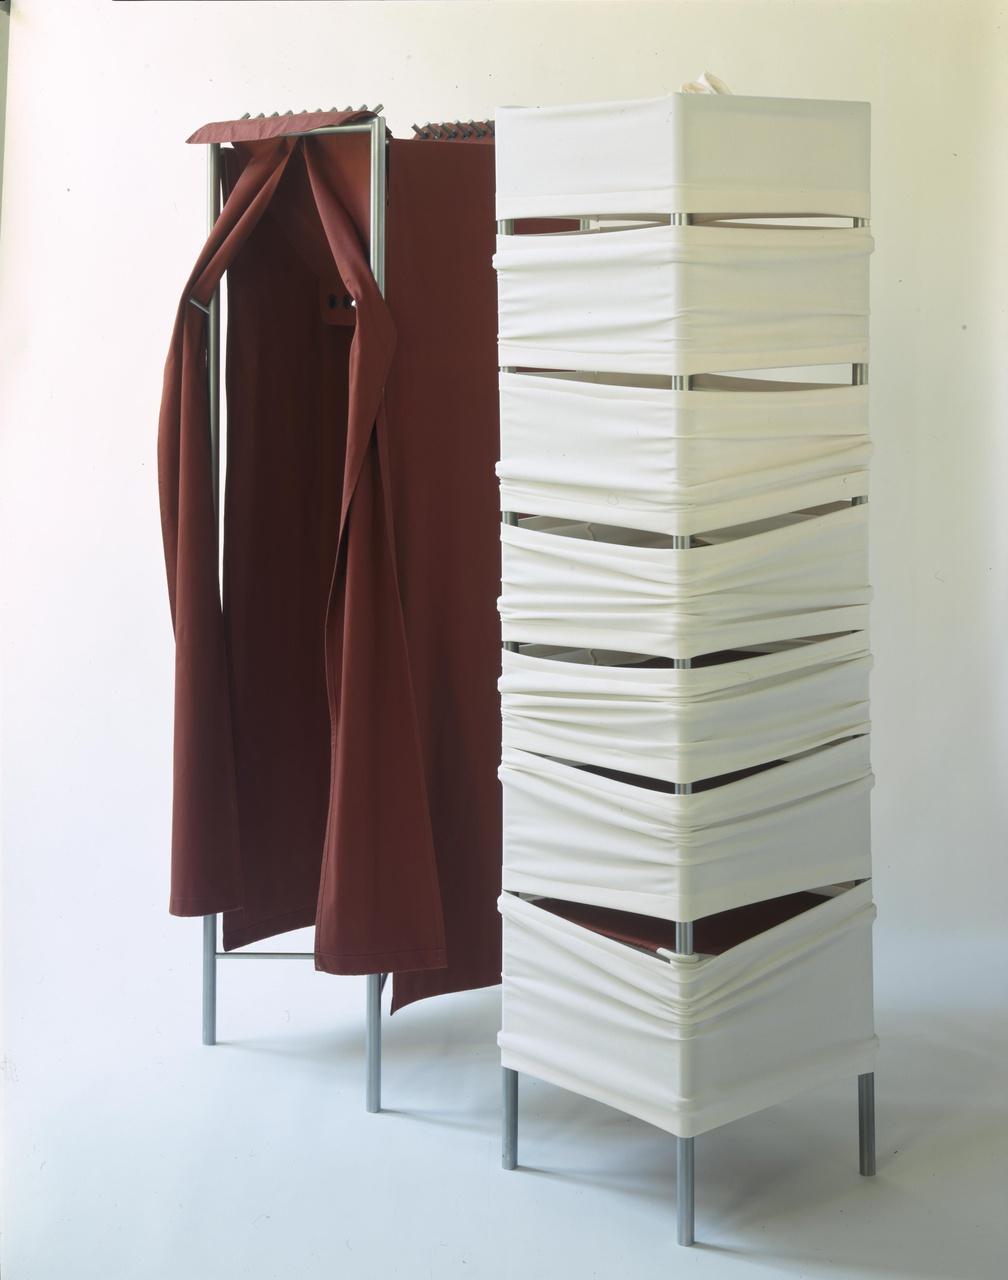 Kleerkast (hang- en legmodel)